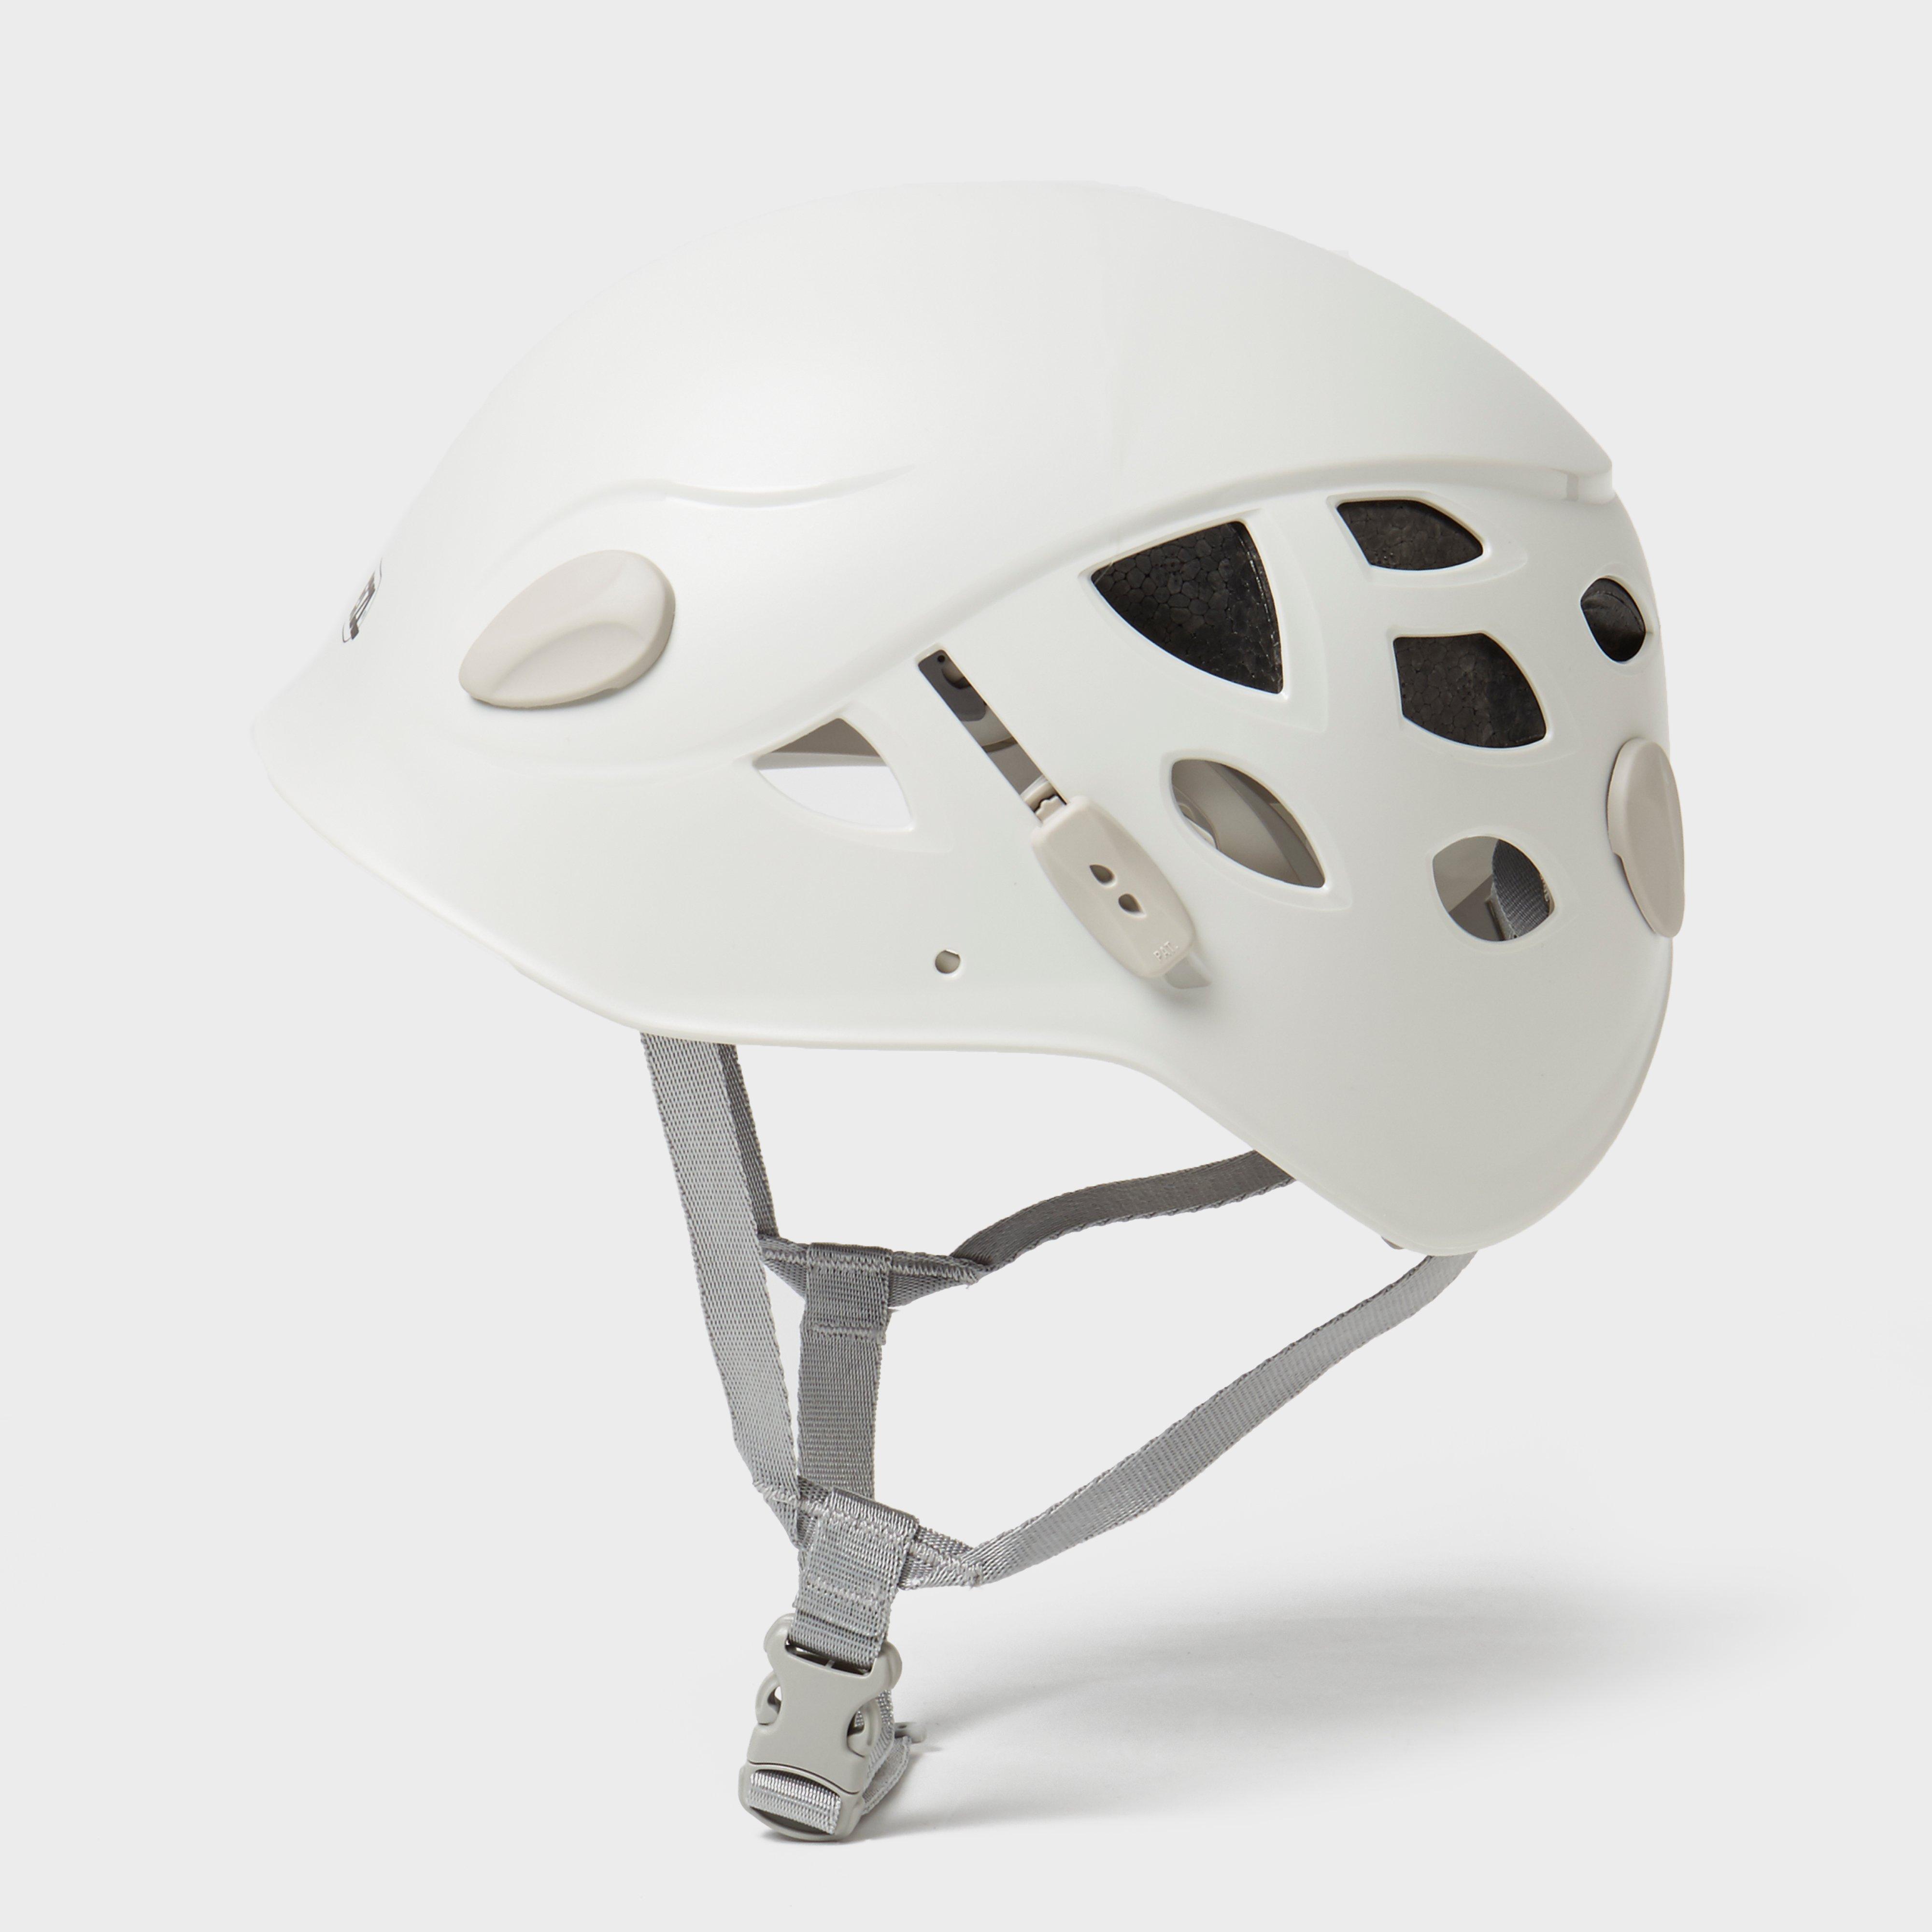 Petzl Petzl Elia Climbing Helmet - White, White